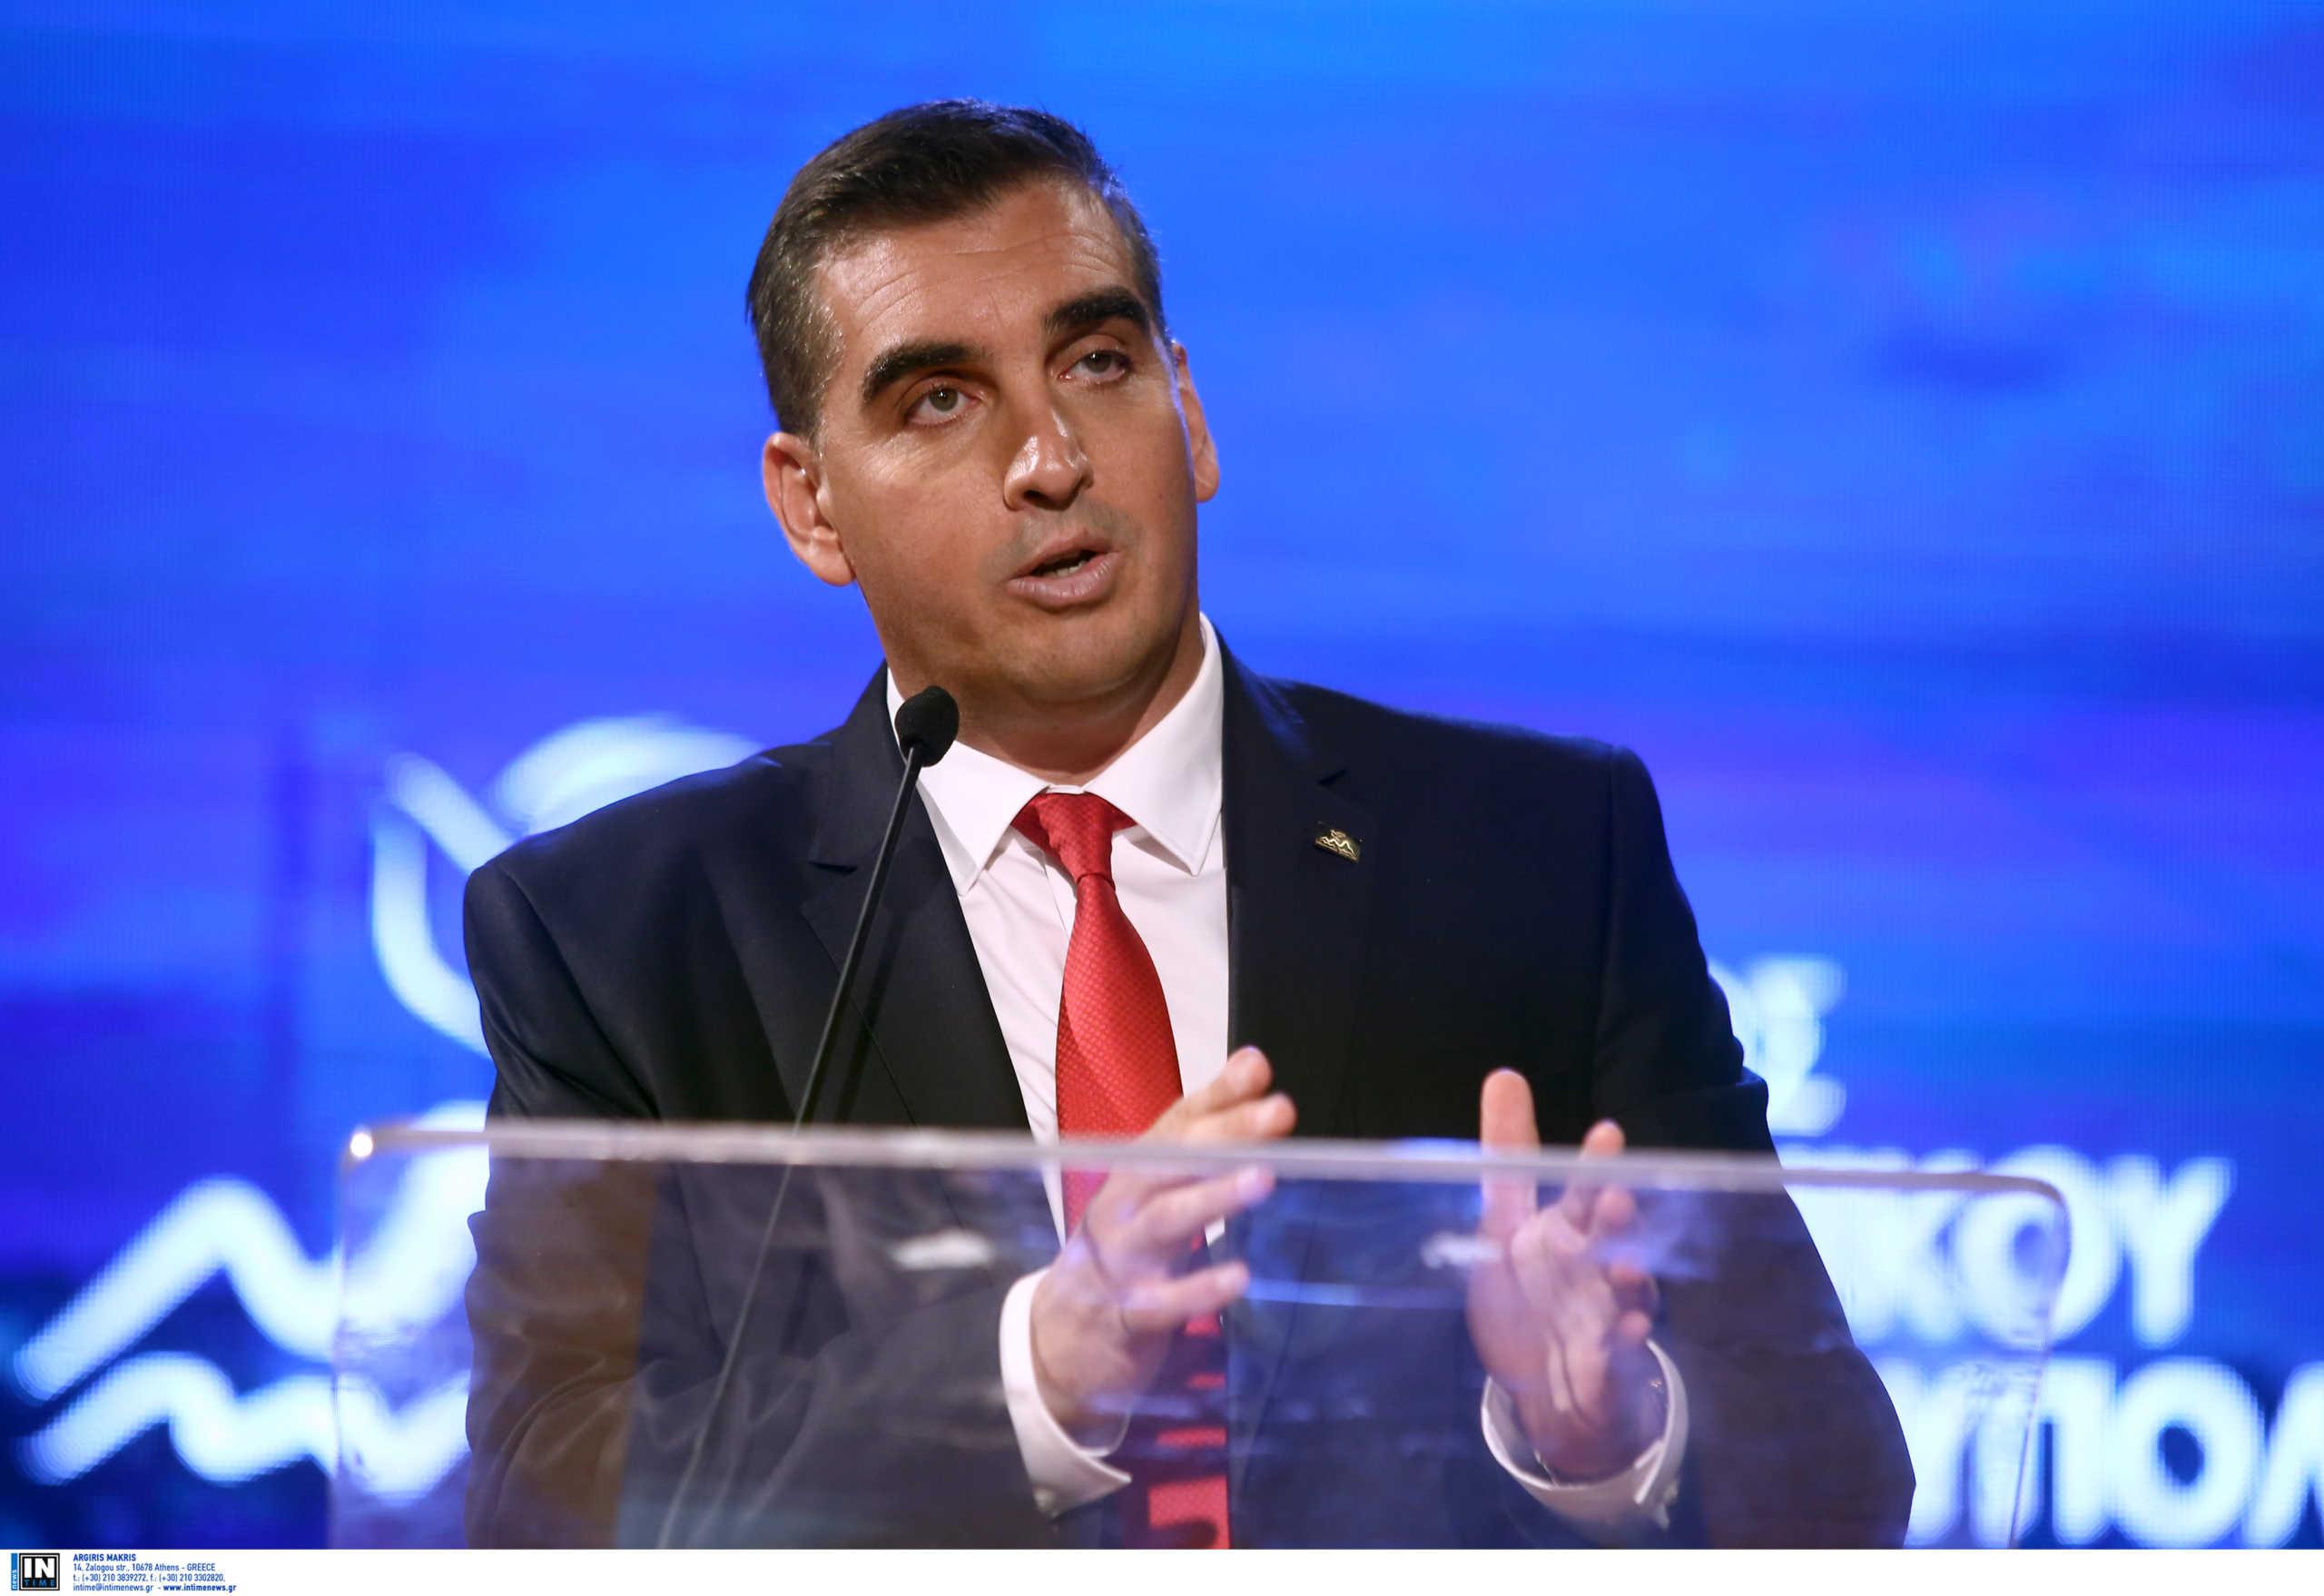 Δήμαρχος Ελληνικού – Αργυρούπολης για Άγιο Φως: Θα σεβαστώ την απόφαση της κυβέρνησης